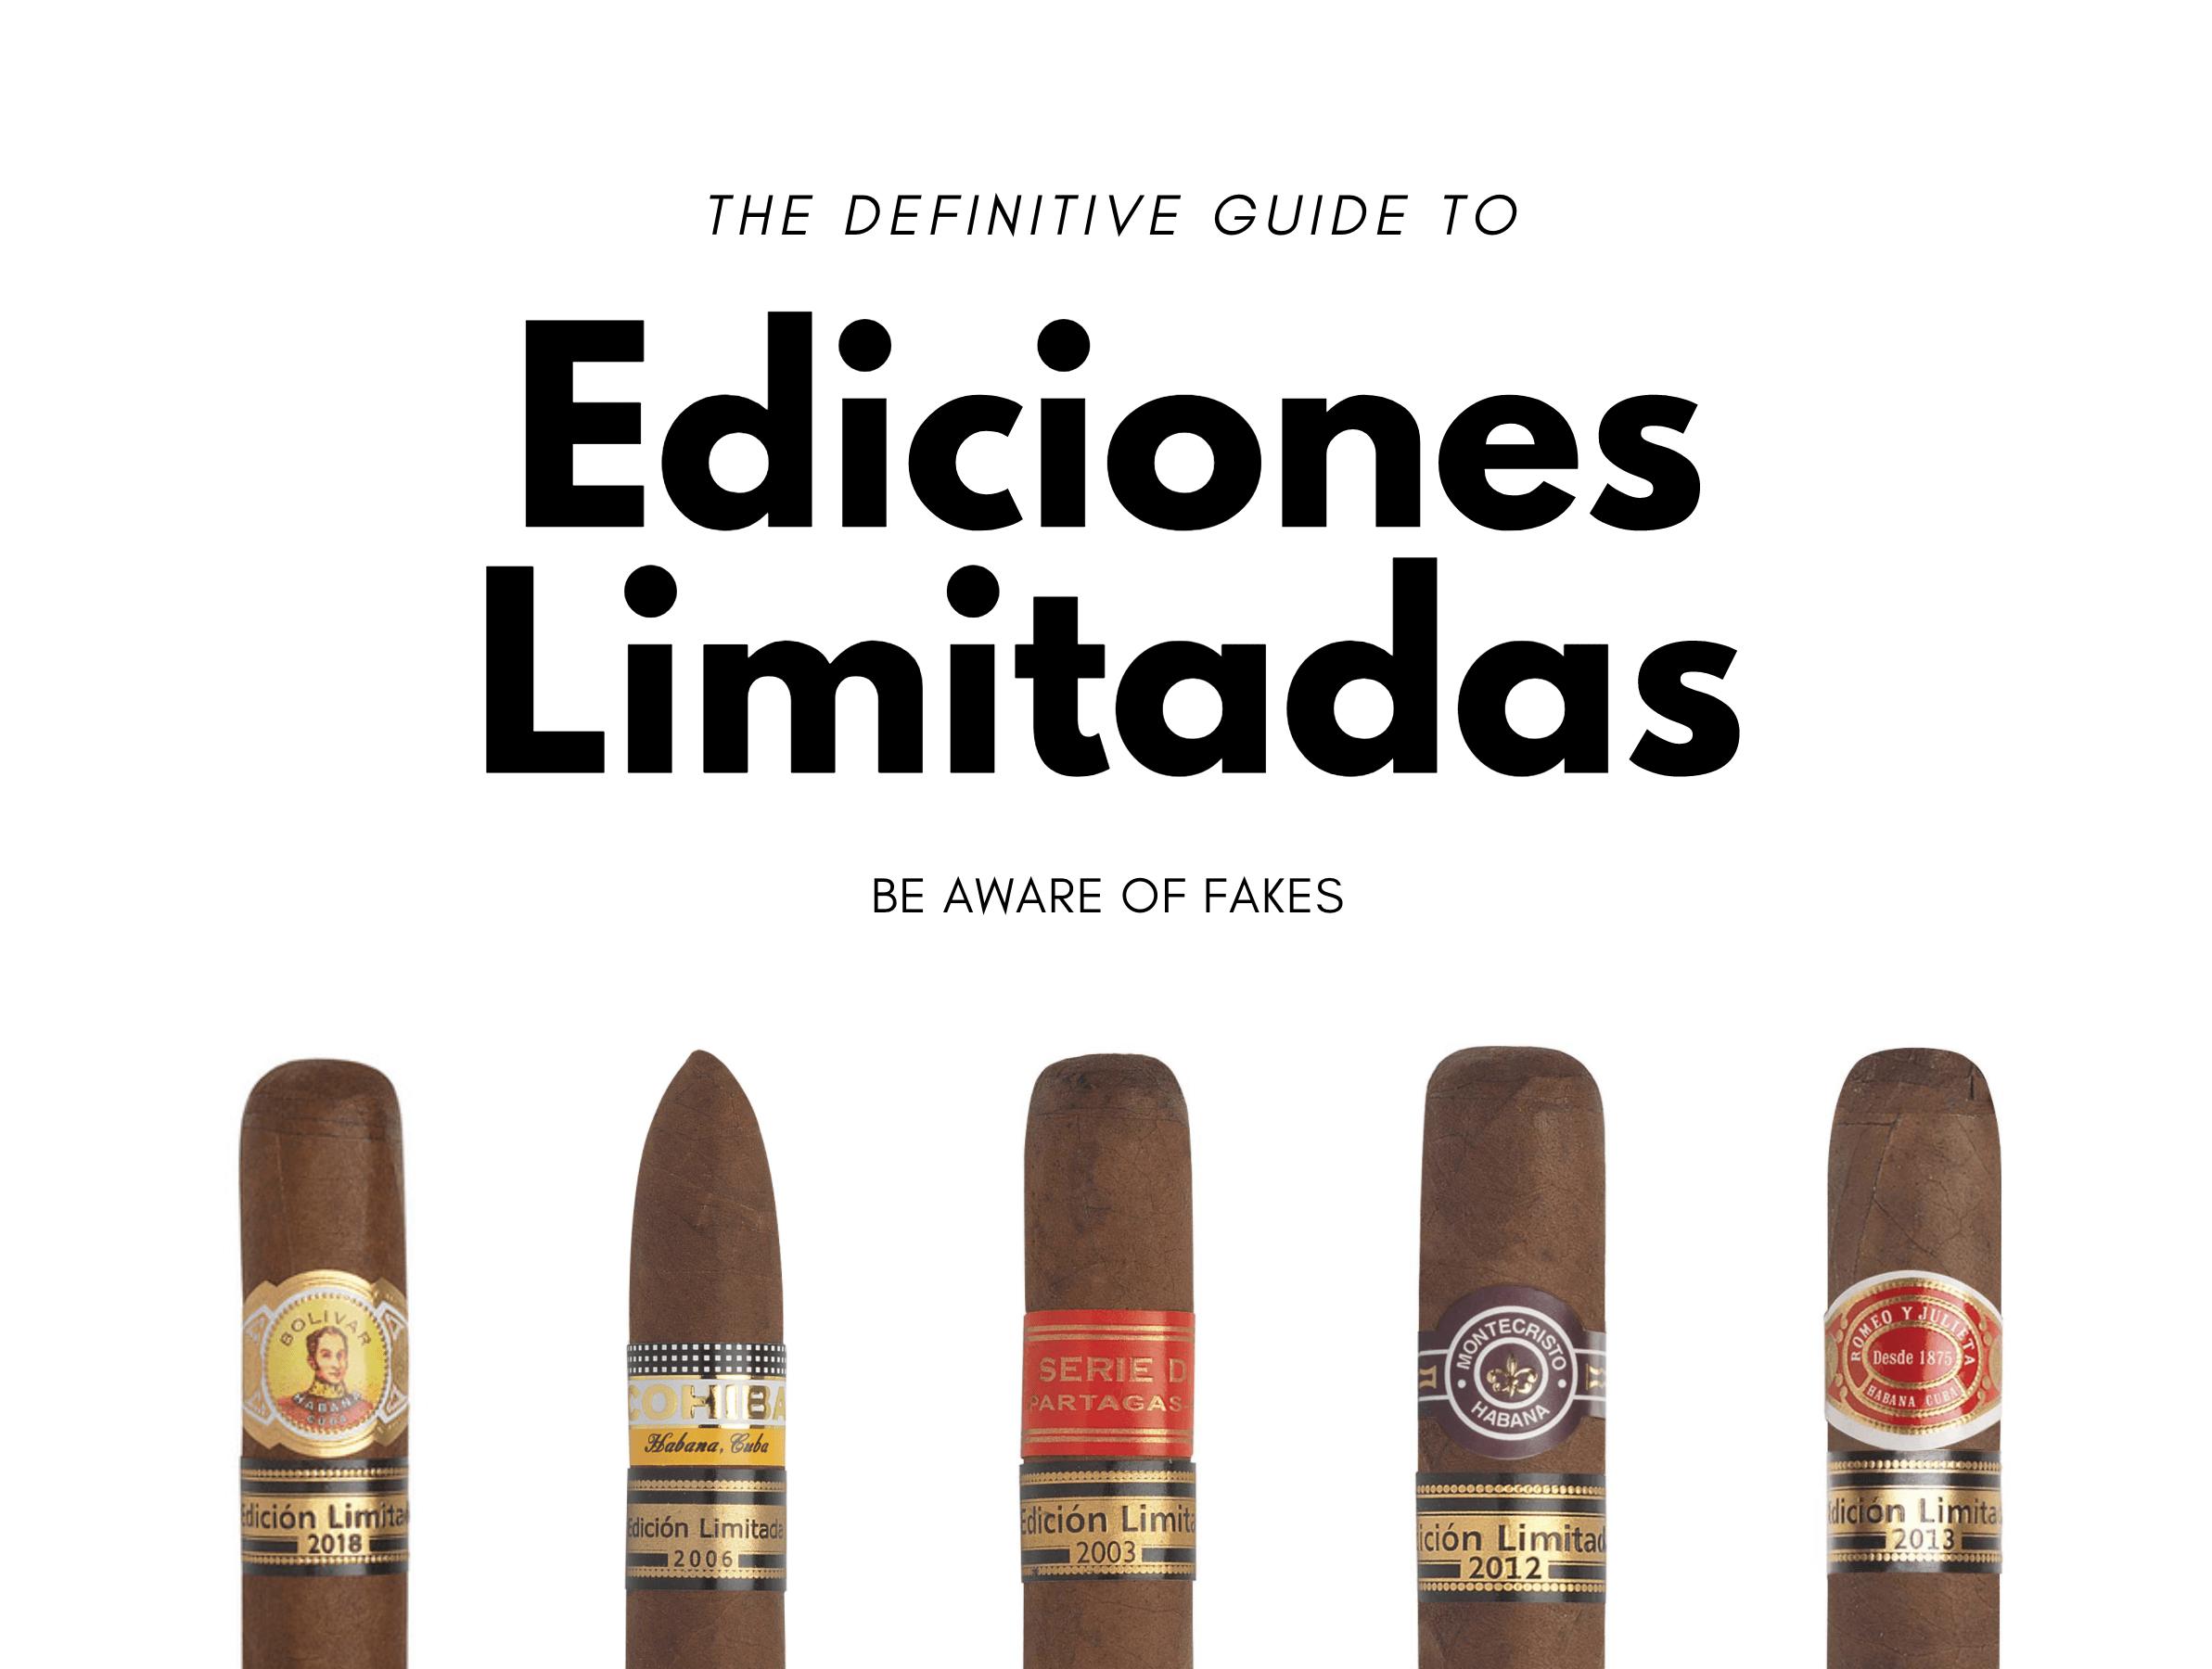 The Definitive Guide to Ediciones Limitadas